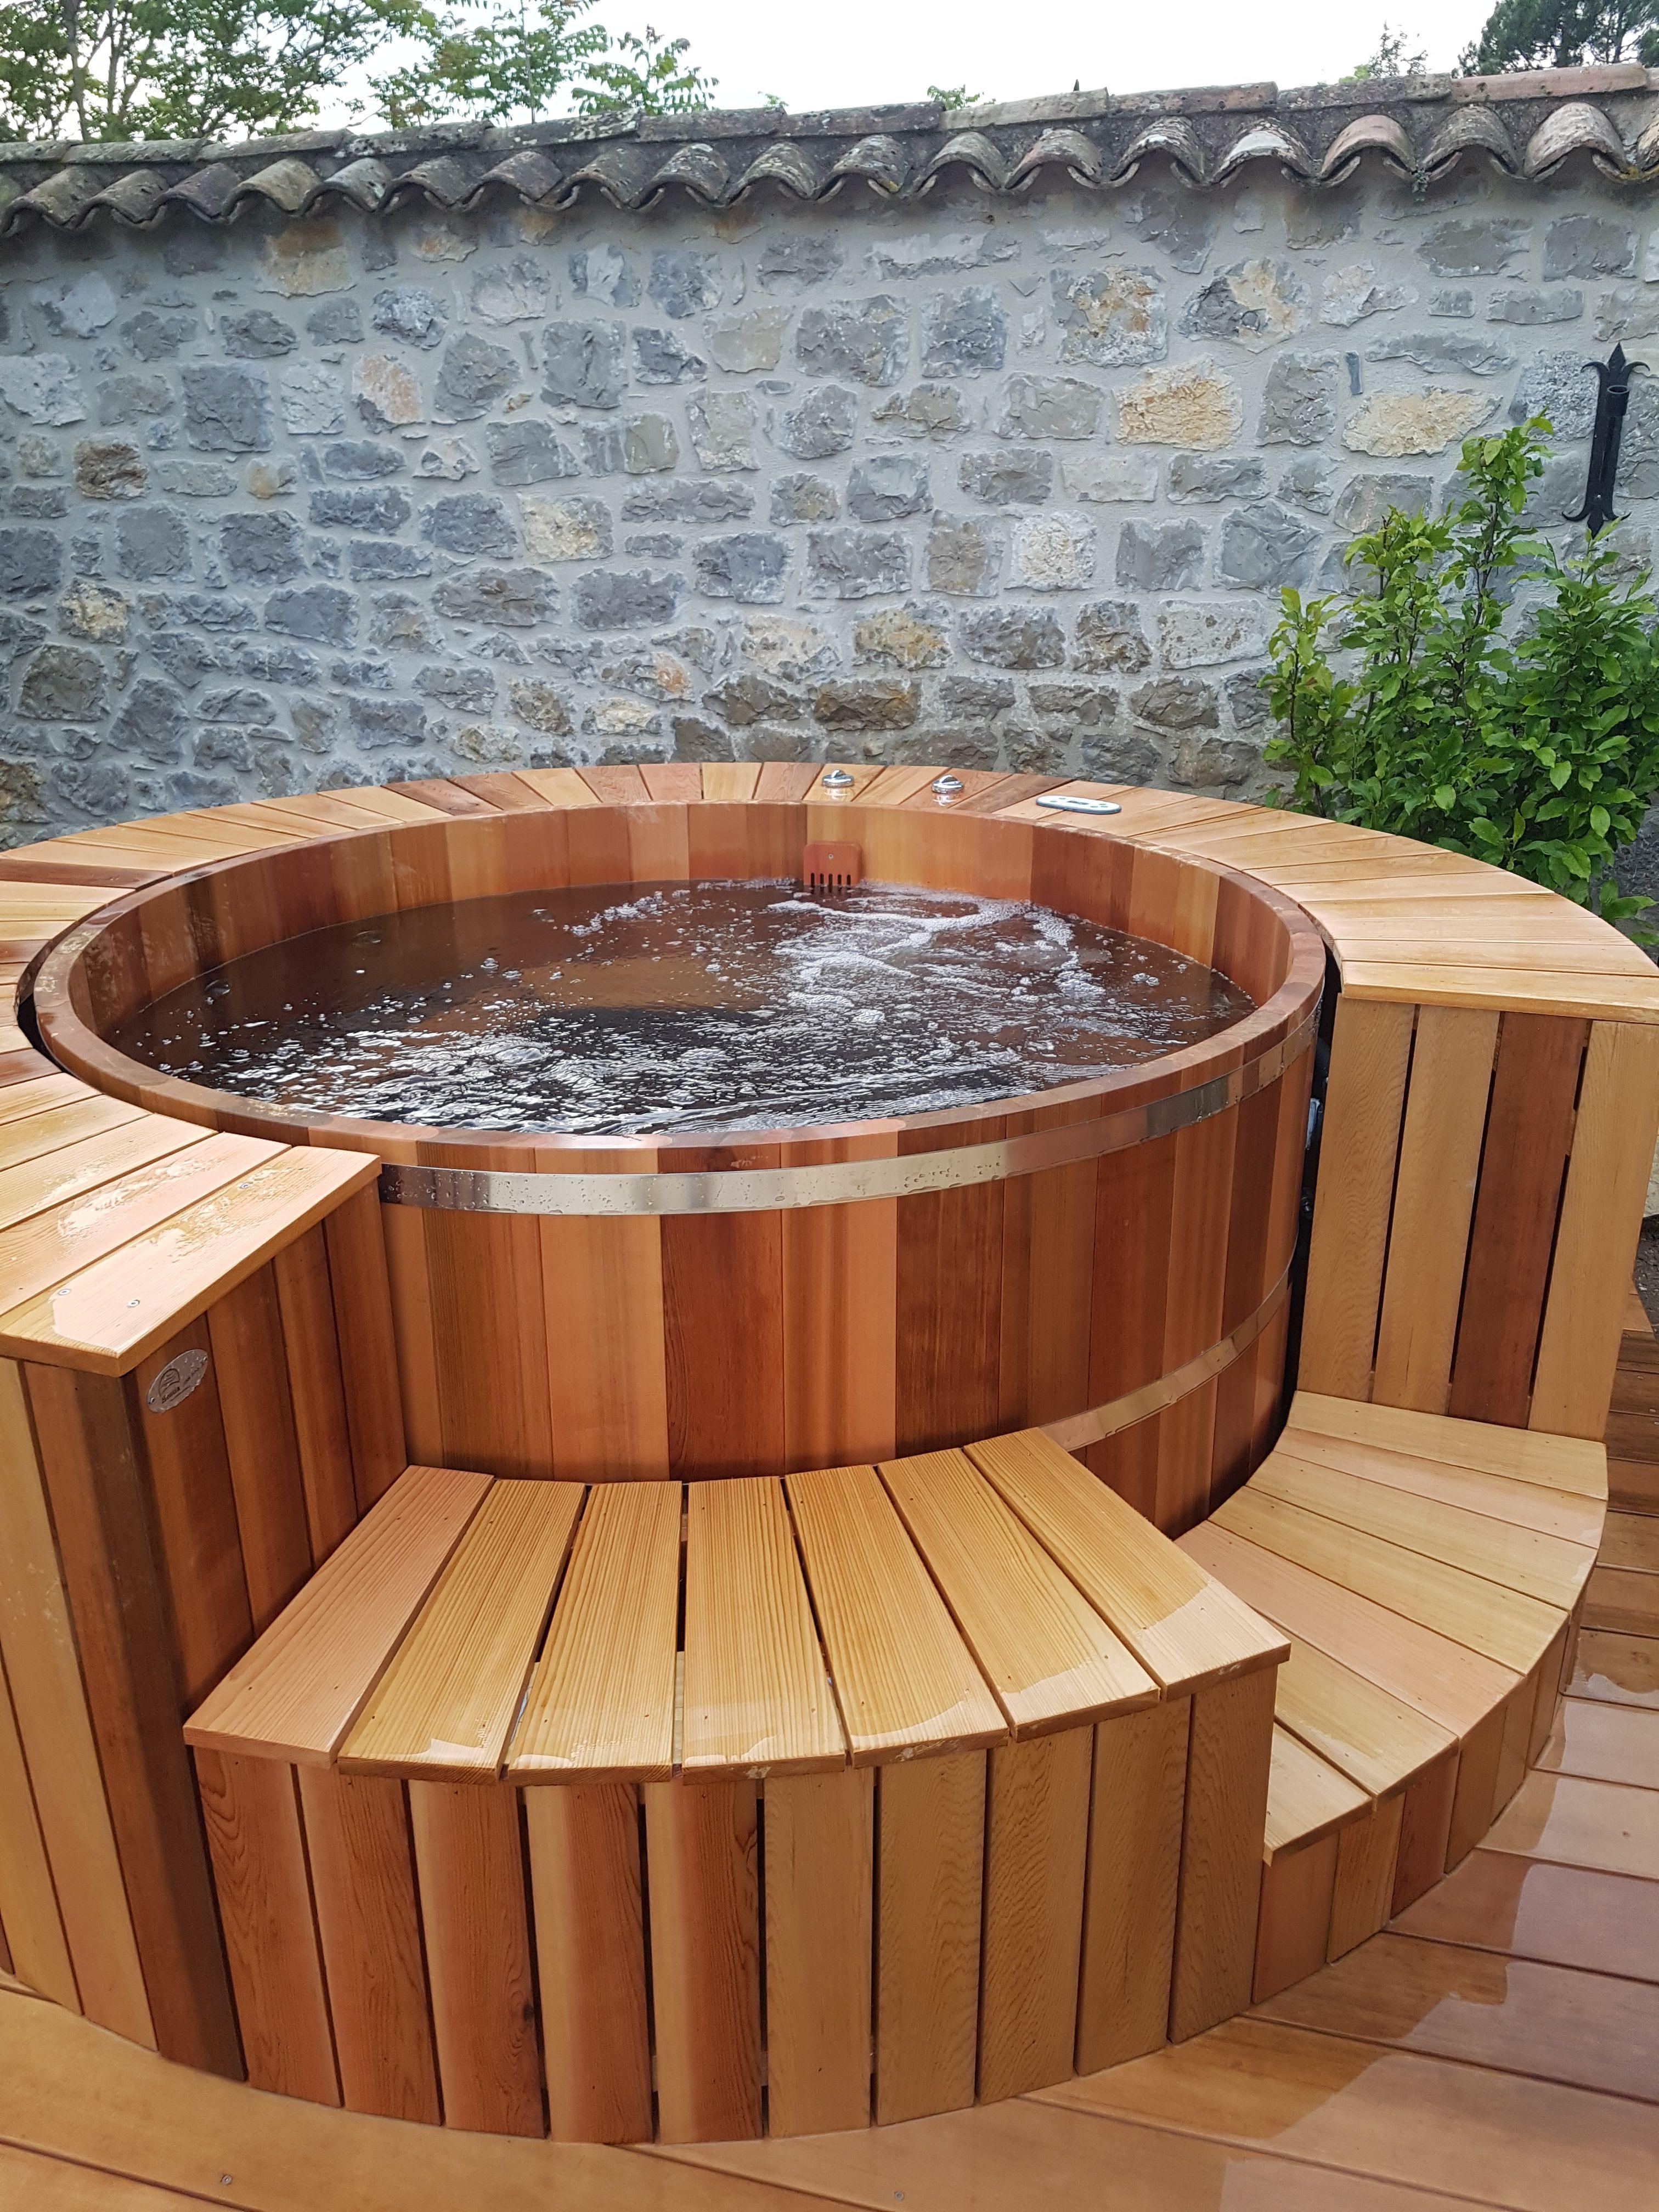 Spa Bois 6 8 Personnes Avec Entourage Red Cedar Spa Bois Jacuzzi Exterieur Sauna Maison